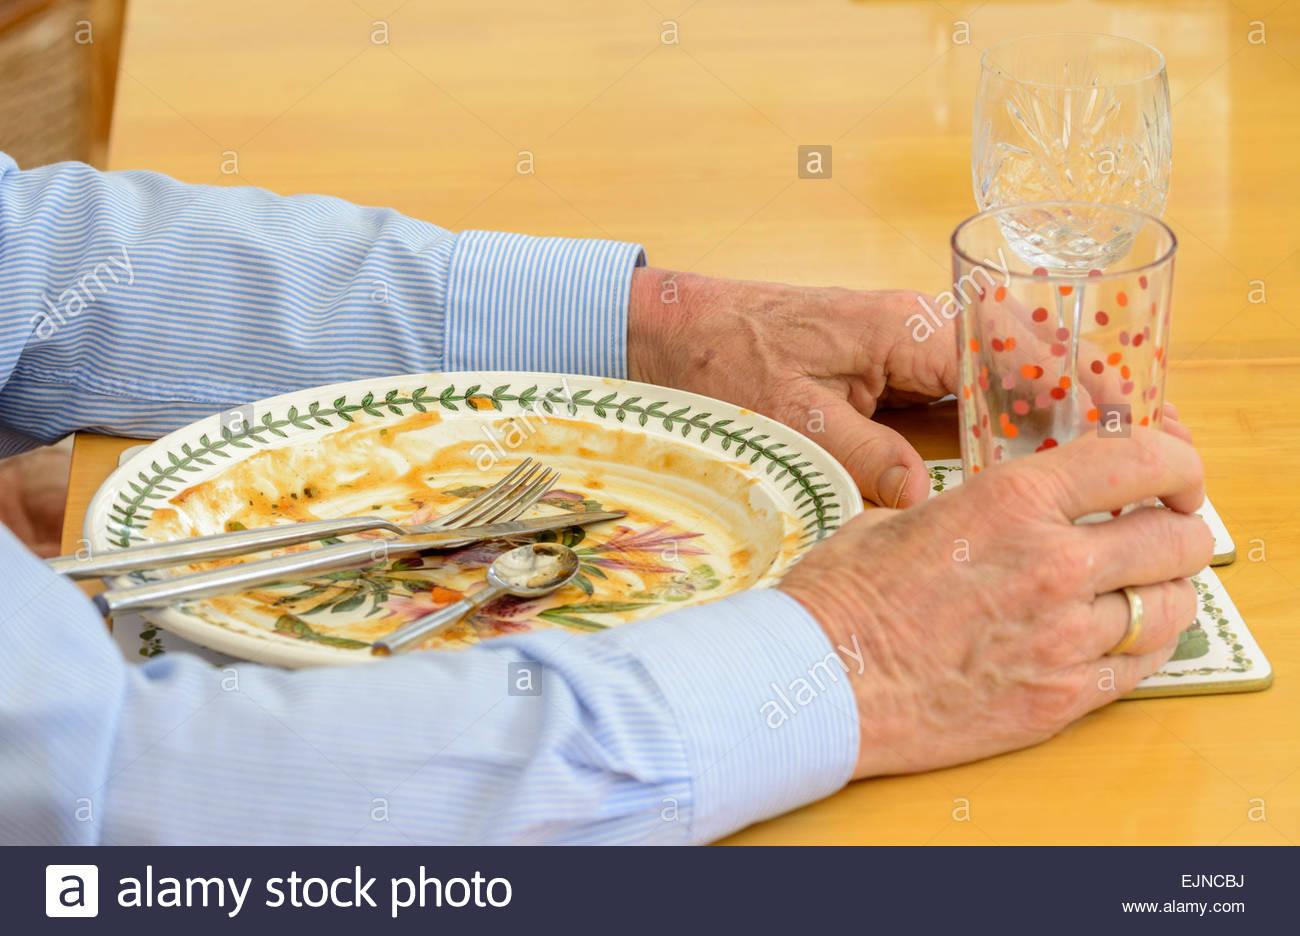 Hombre sentado con un plato vacío, cuchillo, tenedor y gafas, después de terminar una comida. Imagen De Stock